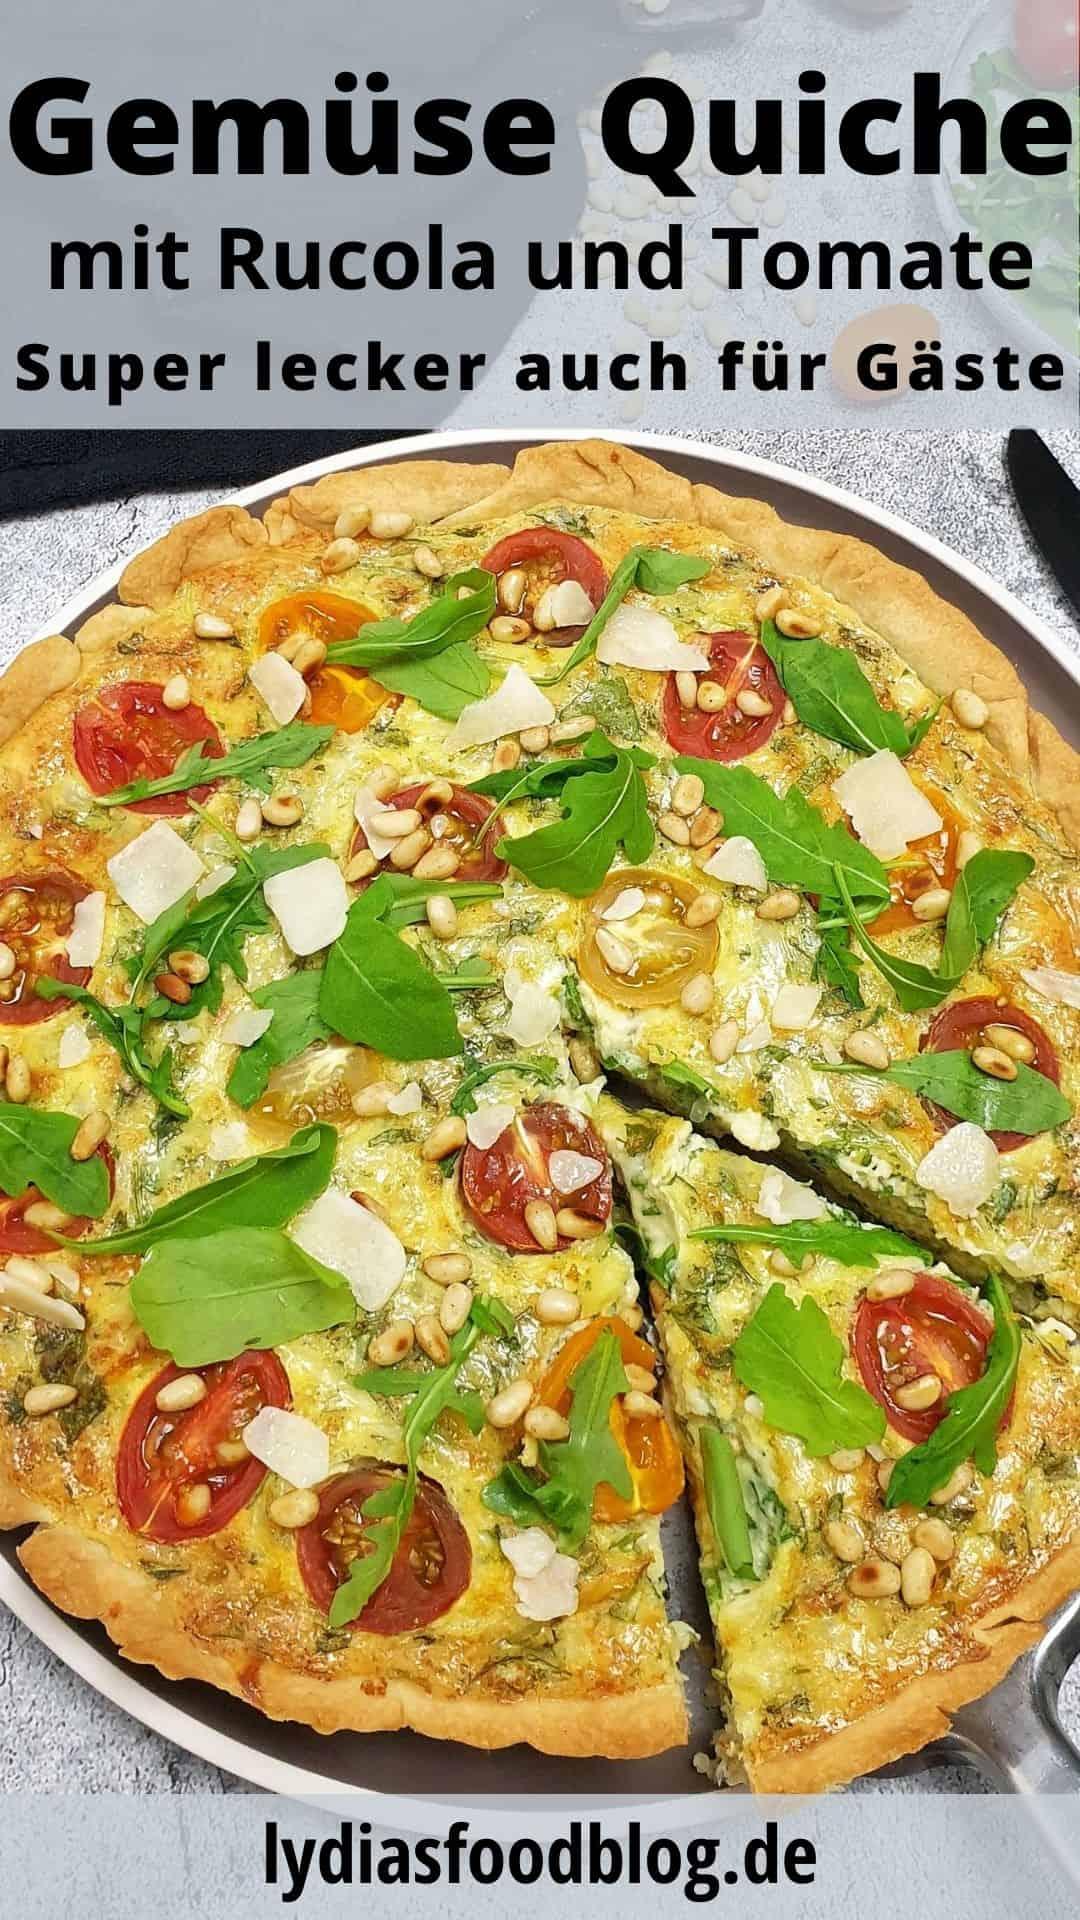 Auf einem graubraunen Teller eine Quiche mit Rucol, Tomaten und Pinienkernen. Mit Parmesan bestreut. Im Hintergrund Deko.